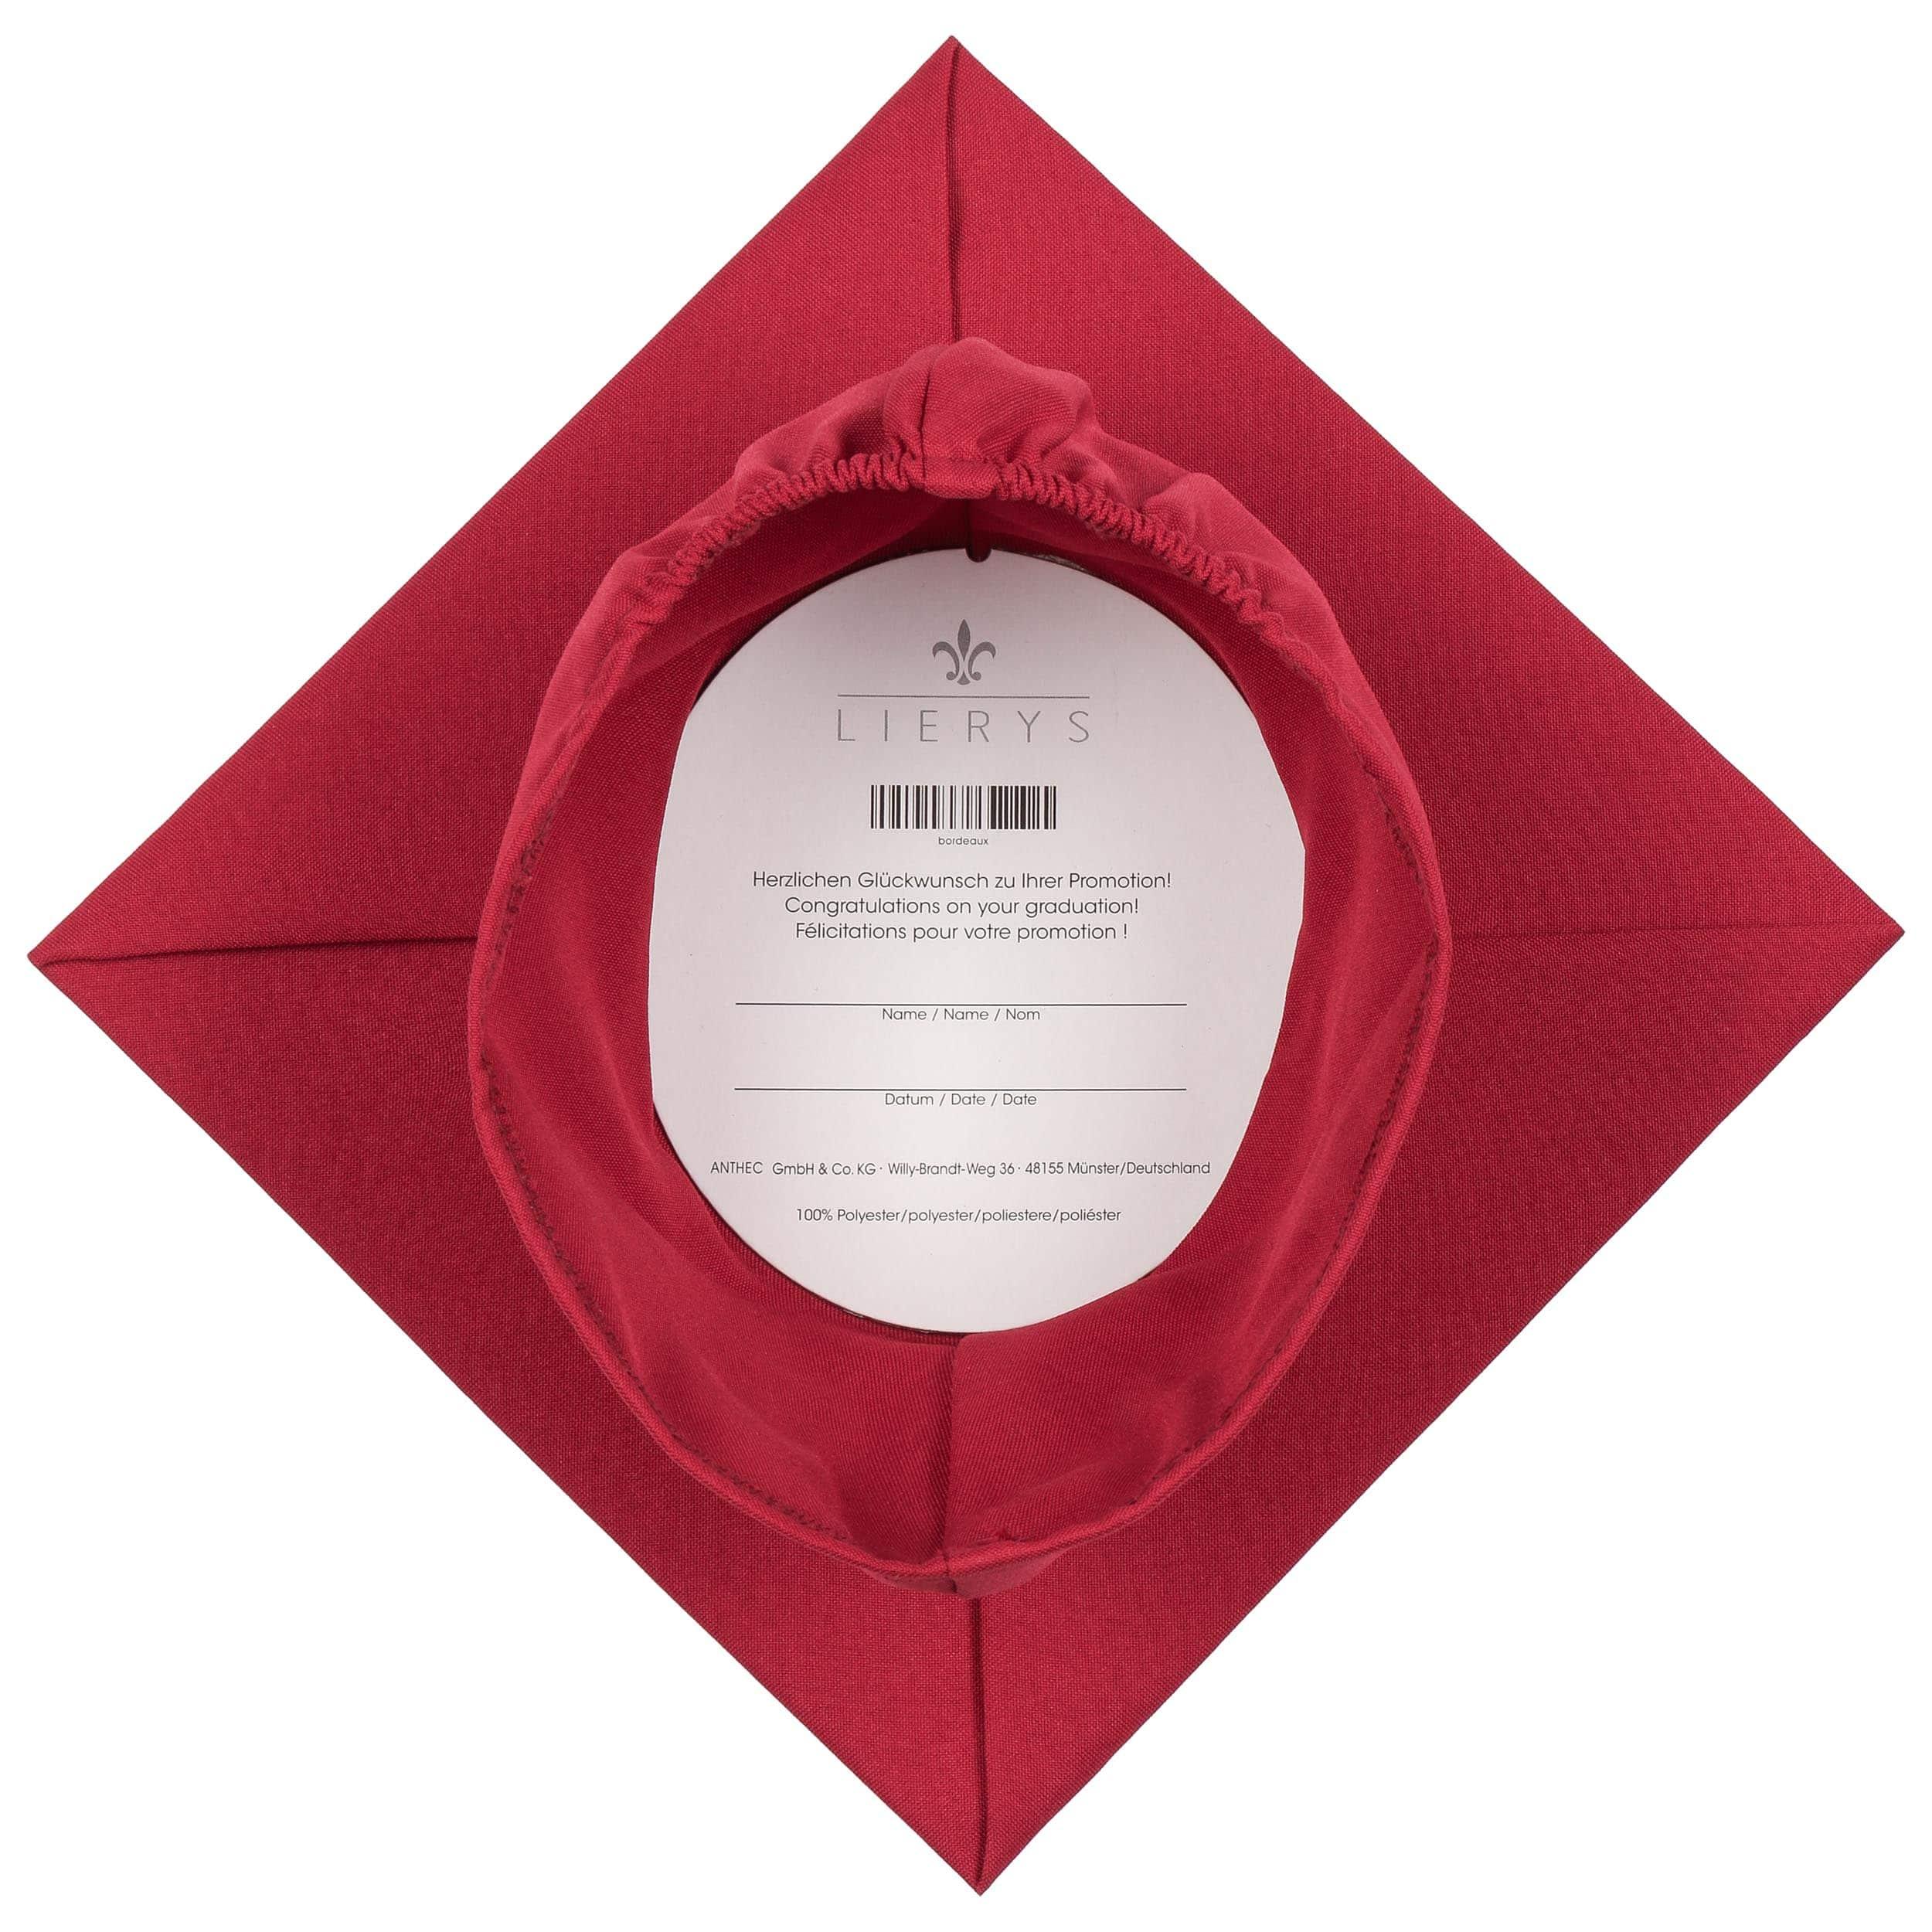 ... Cappello da Laurea Flessibile by Lierys - rosso bordeaux 2 ... e68c6f568f66